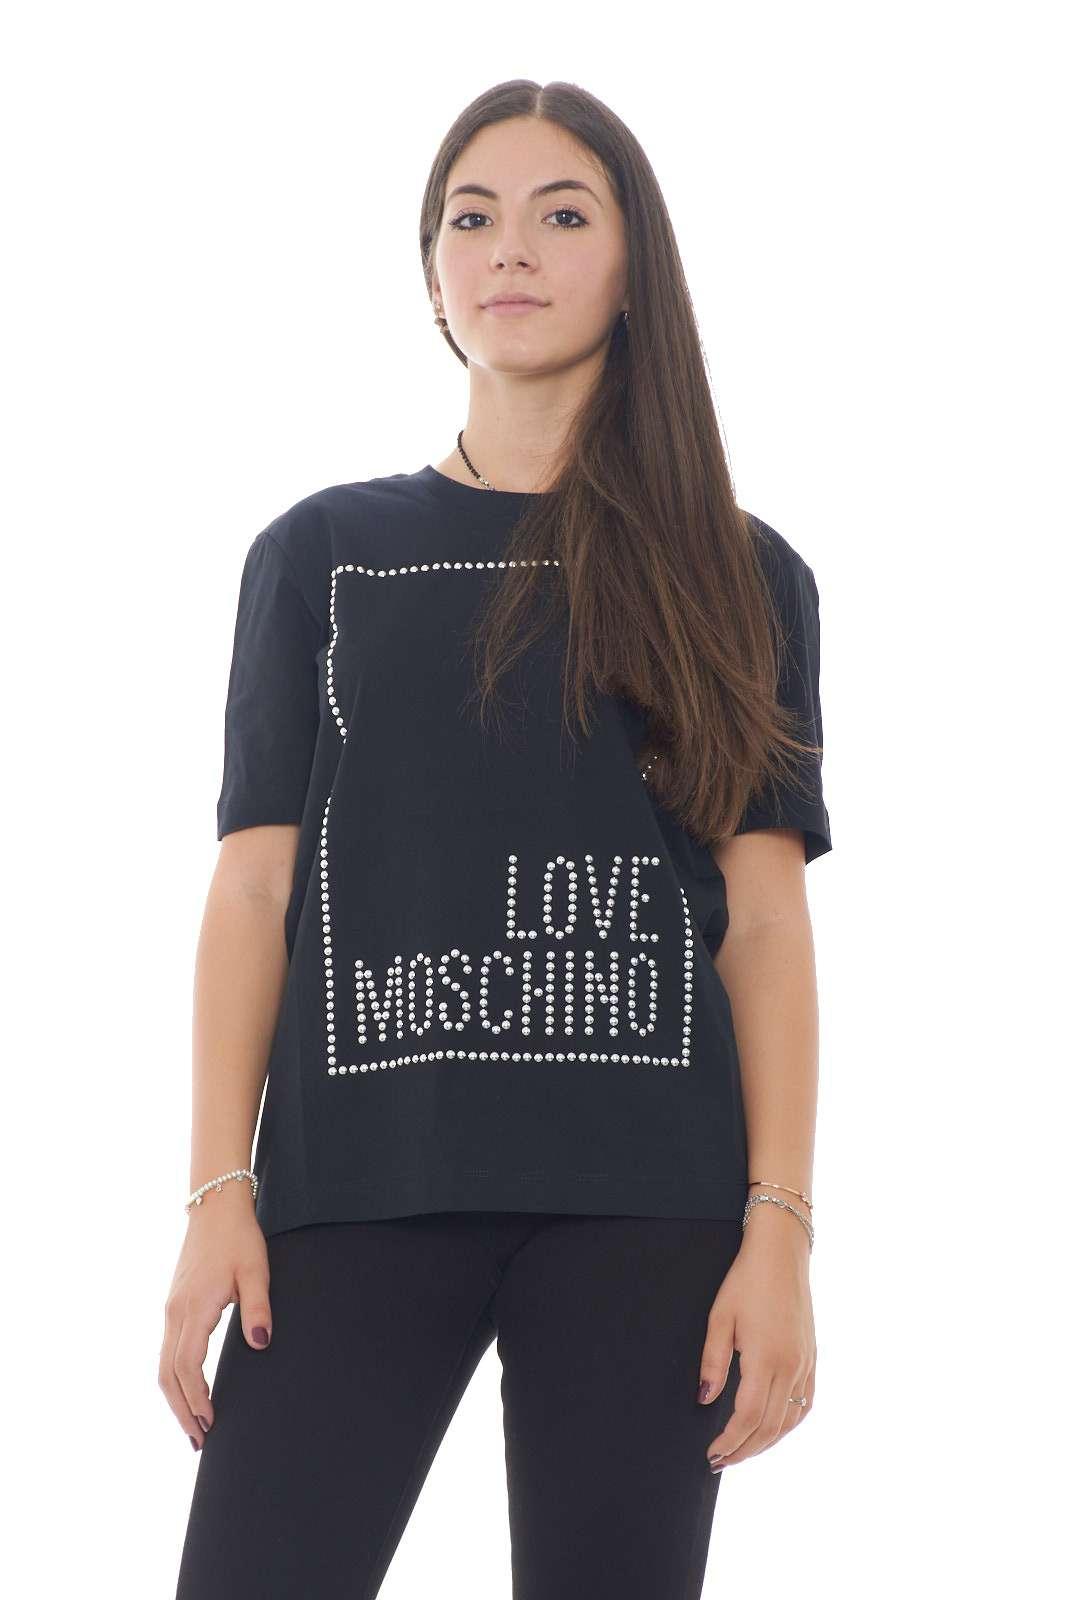 Una T shirt basic ed elegante quella firmata dalla new collection Love Moschino. L'applicazione di borchie a disegnare il marchio la rende perfetta anche per i look più ricercati e sofisticati. Un capo perfetto per ogni stile.